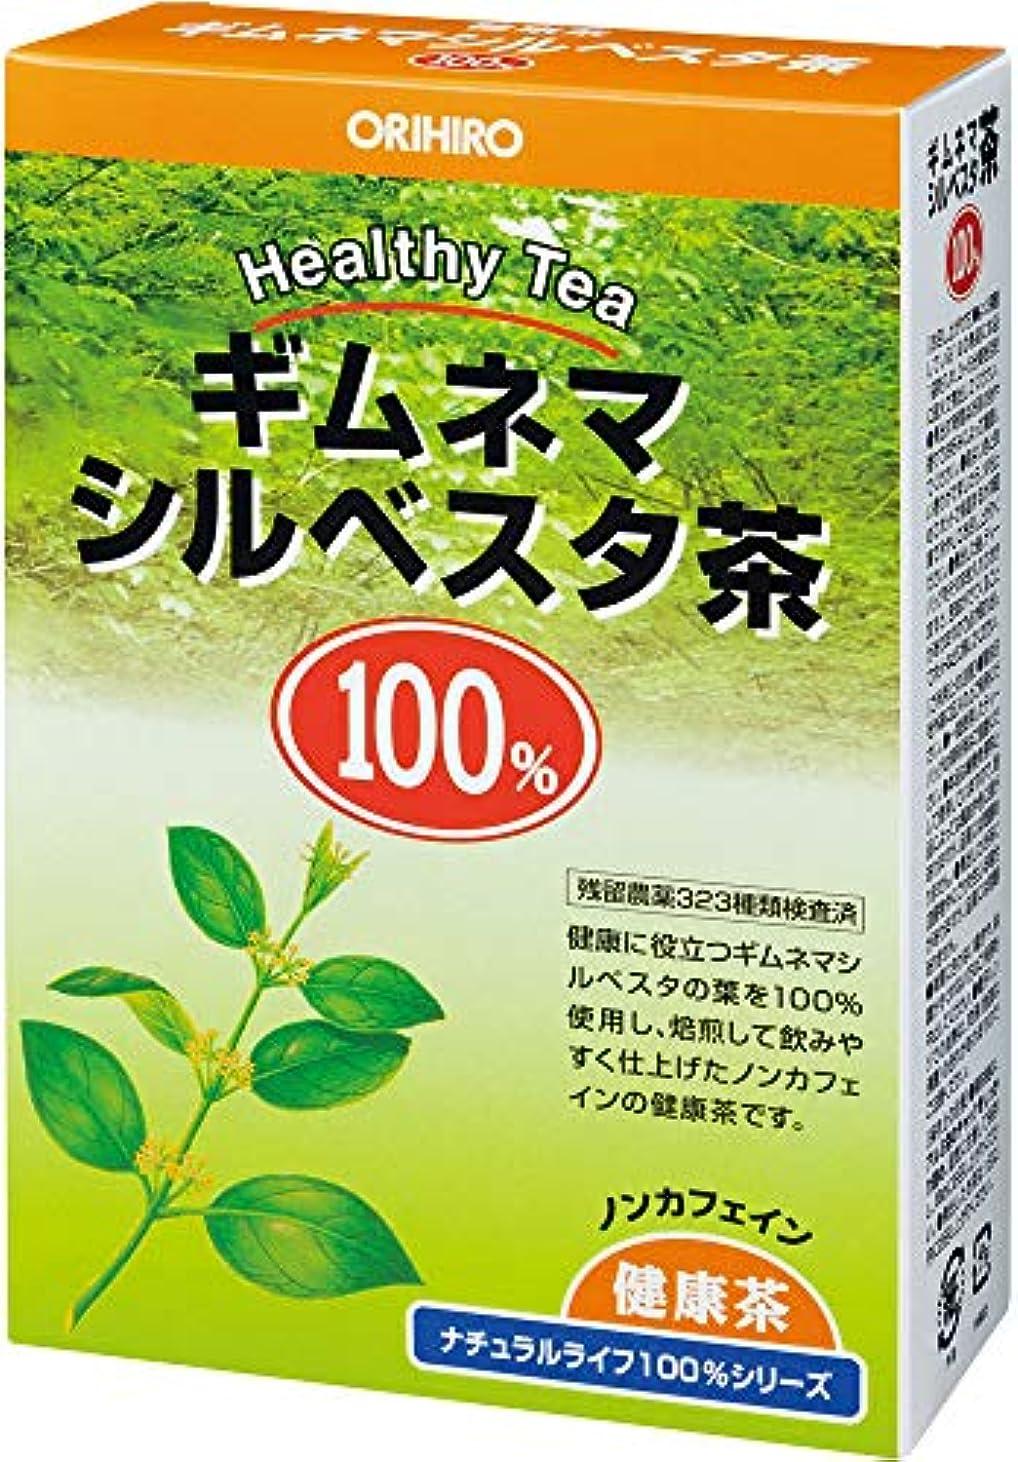 硬化する海洋の講堂オリヒロ NLティー 100% ギムネマシルベスタ茶 2.5g×26包